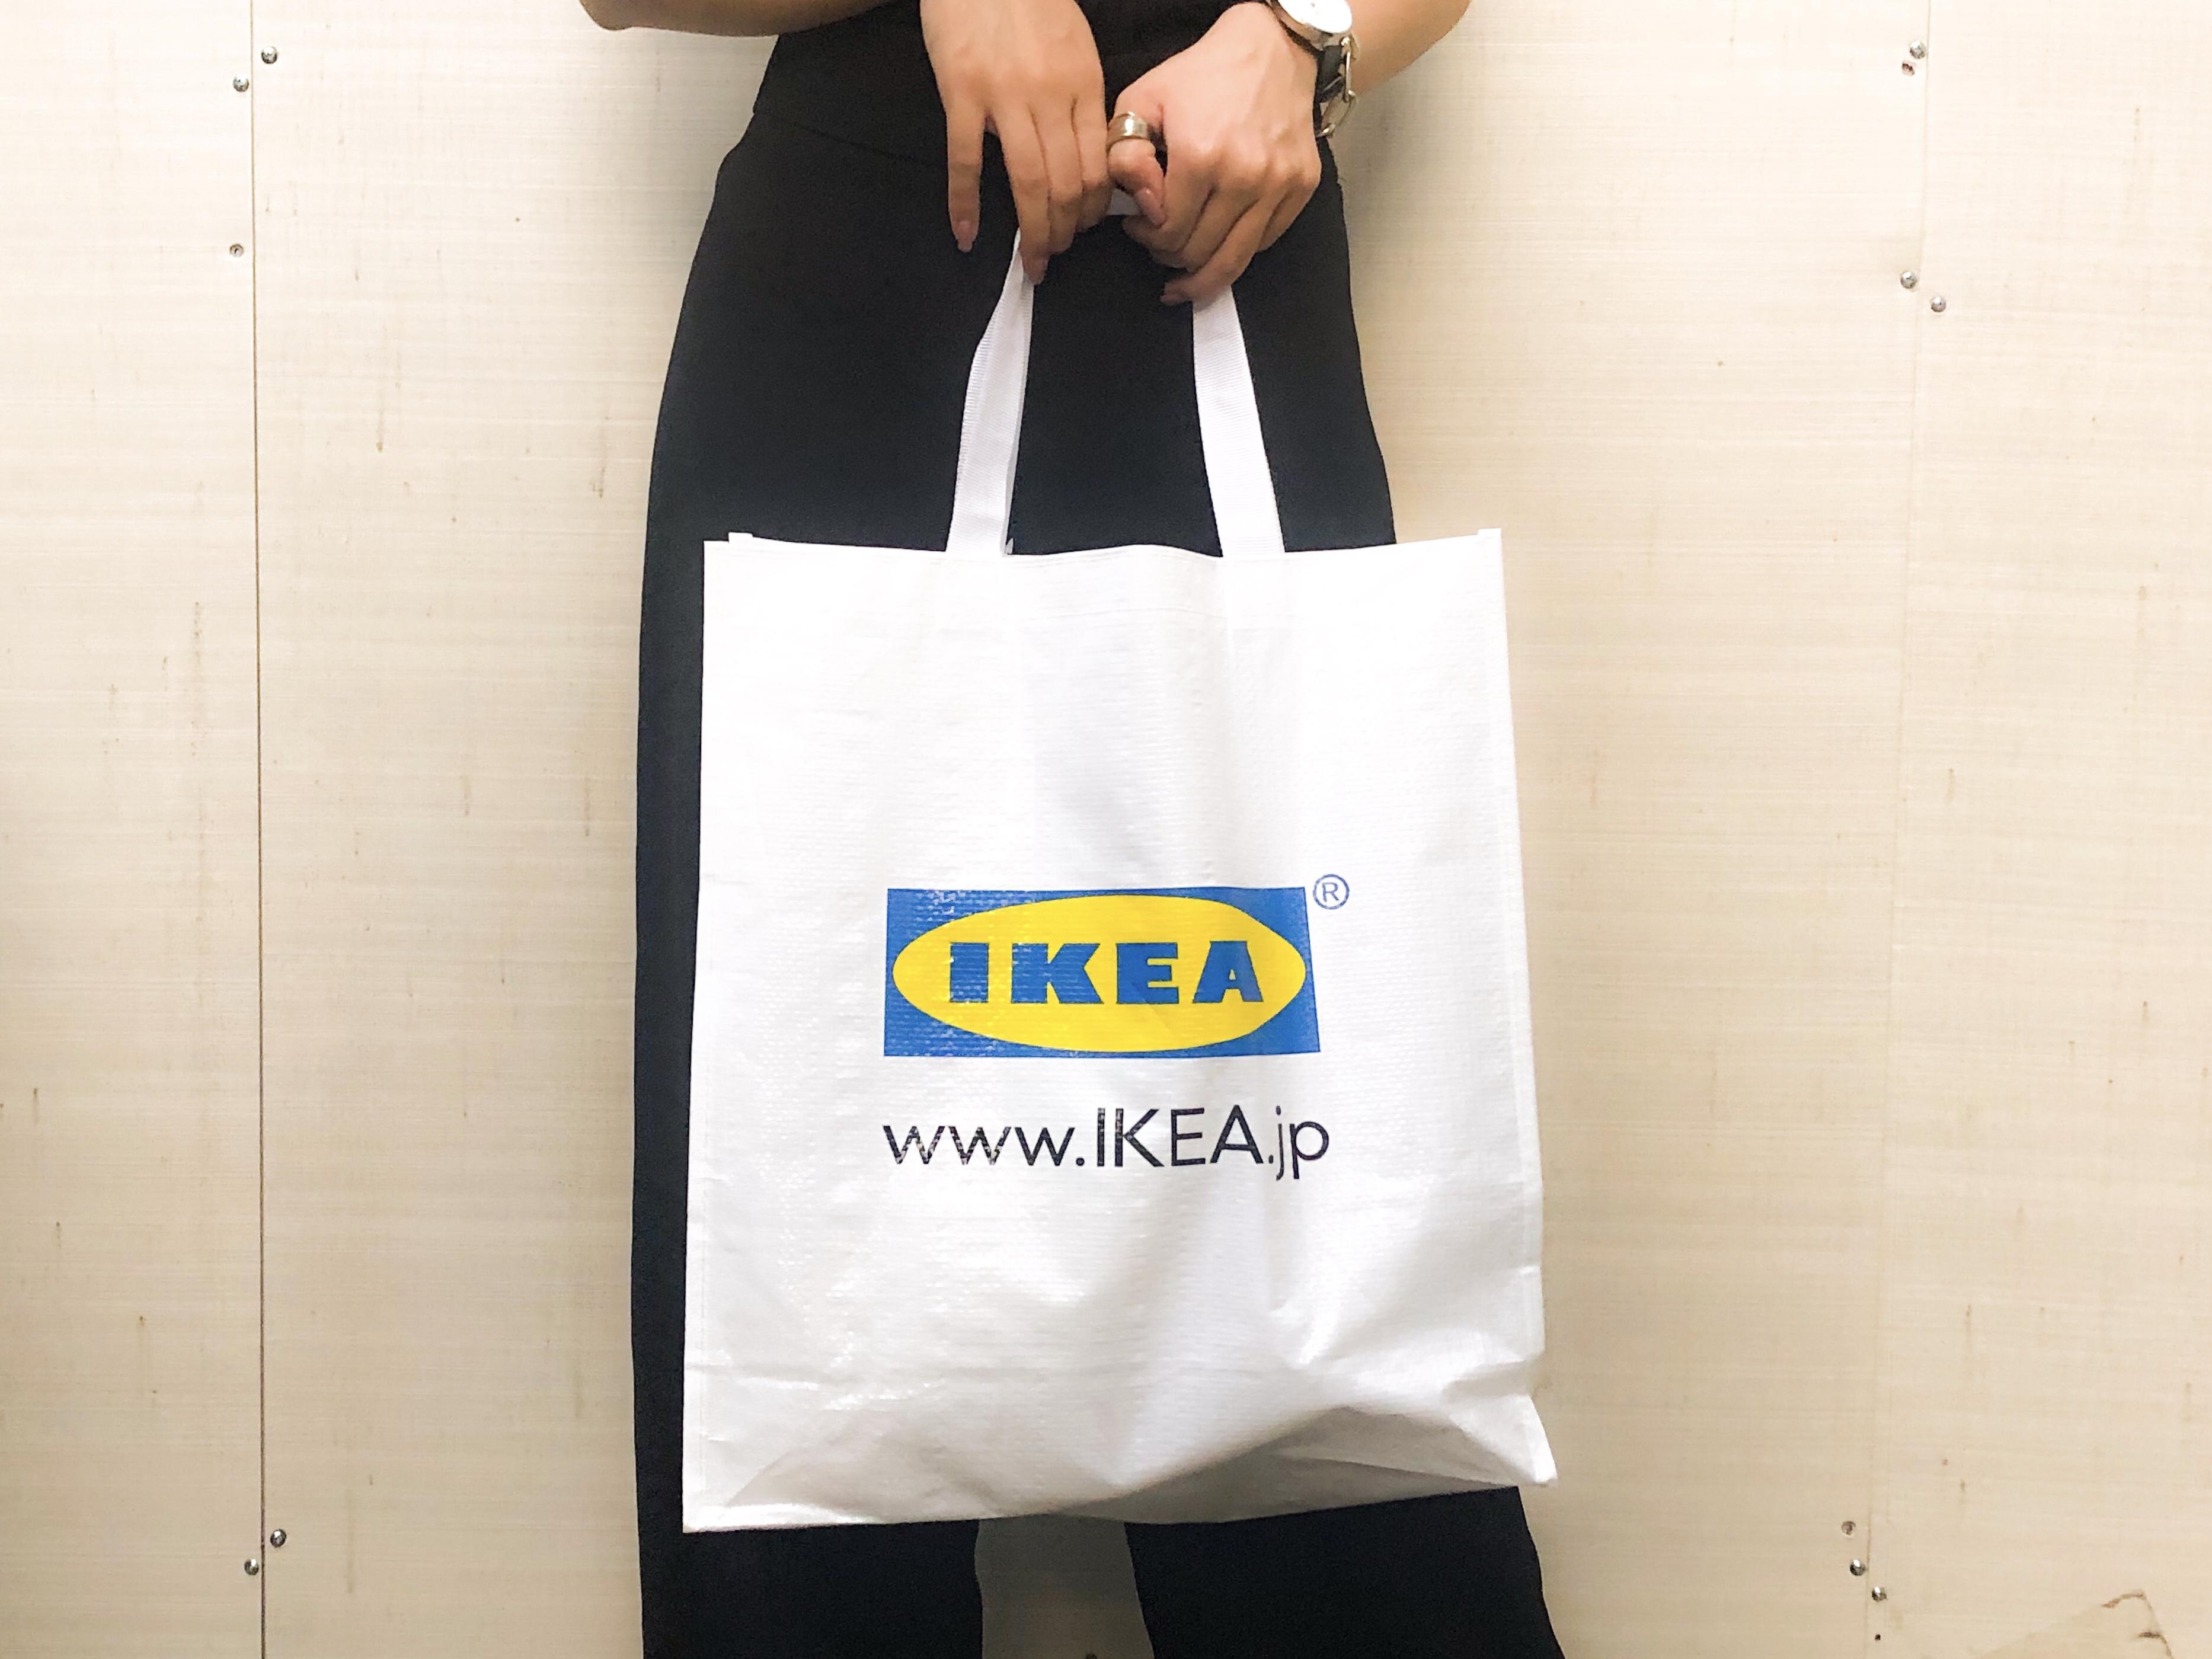 【エコバッグ】199円!丈夫でかわいい「IKEA」のKLAMBY(クラムビー)が超つかえる♡_1